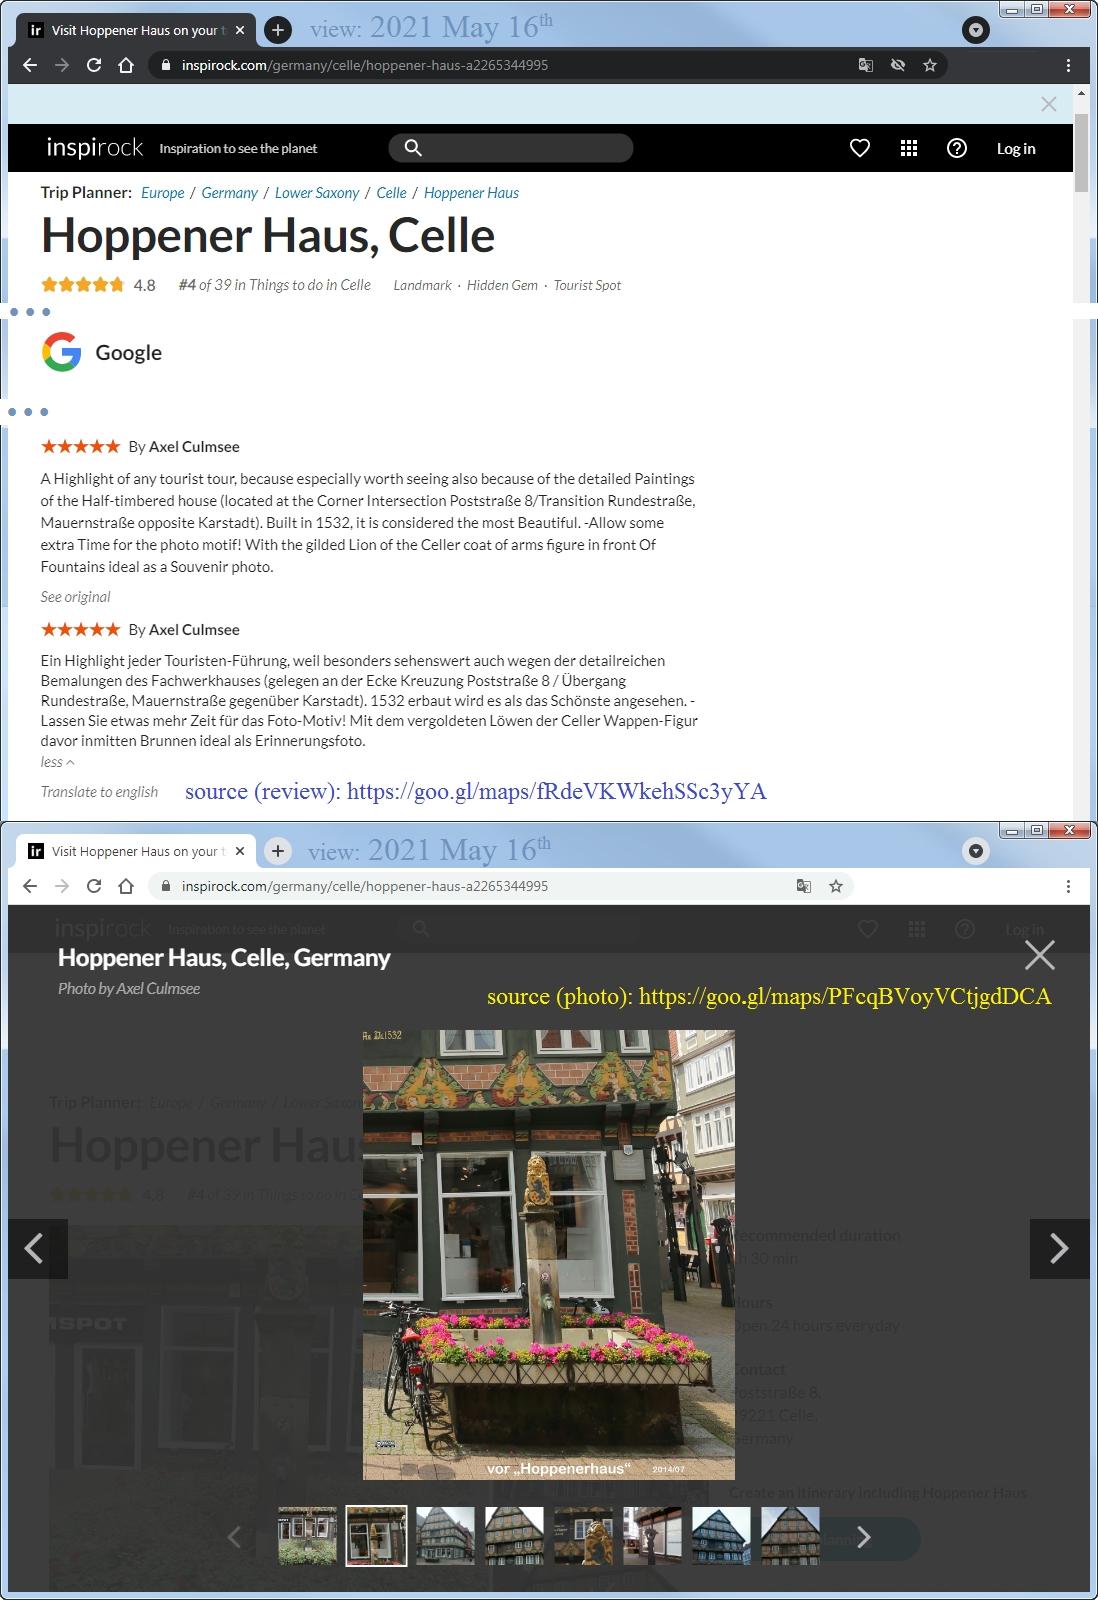 Celle, Hoppener Haus - Rezension mit Foto bei Google Maps - transferiert auf Reise-Website